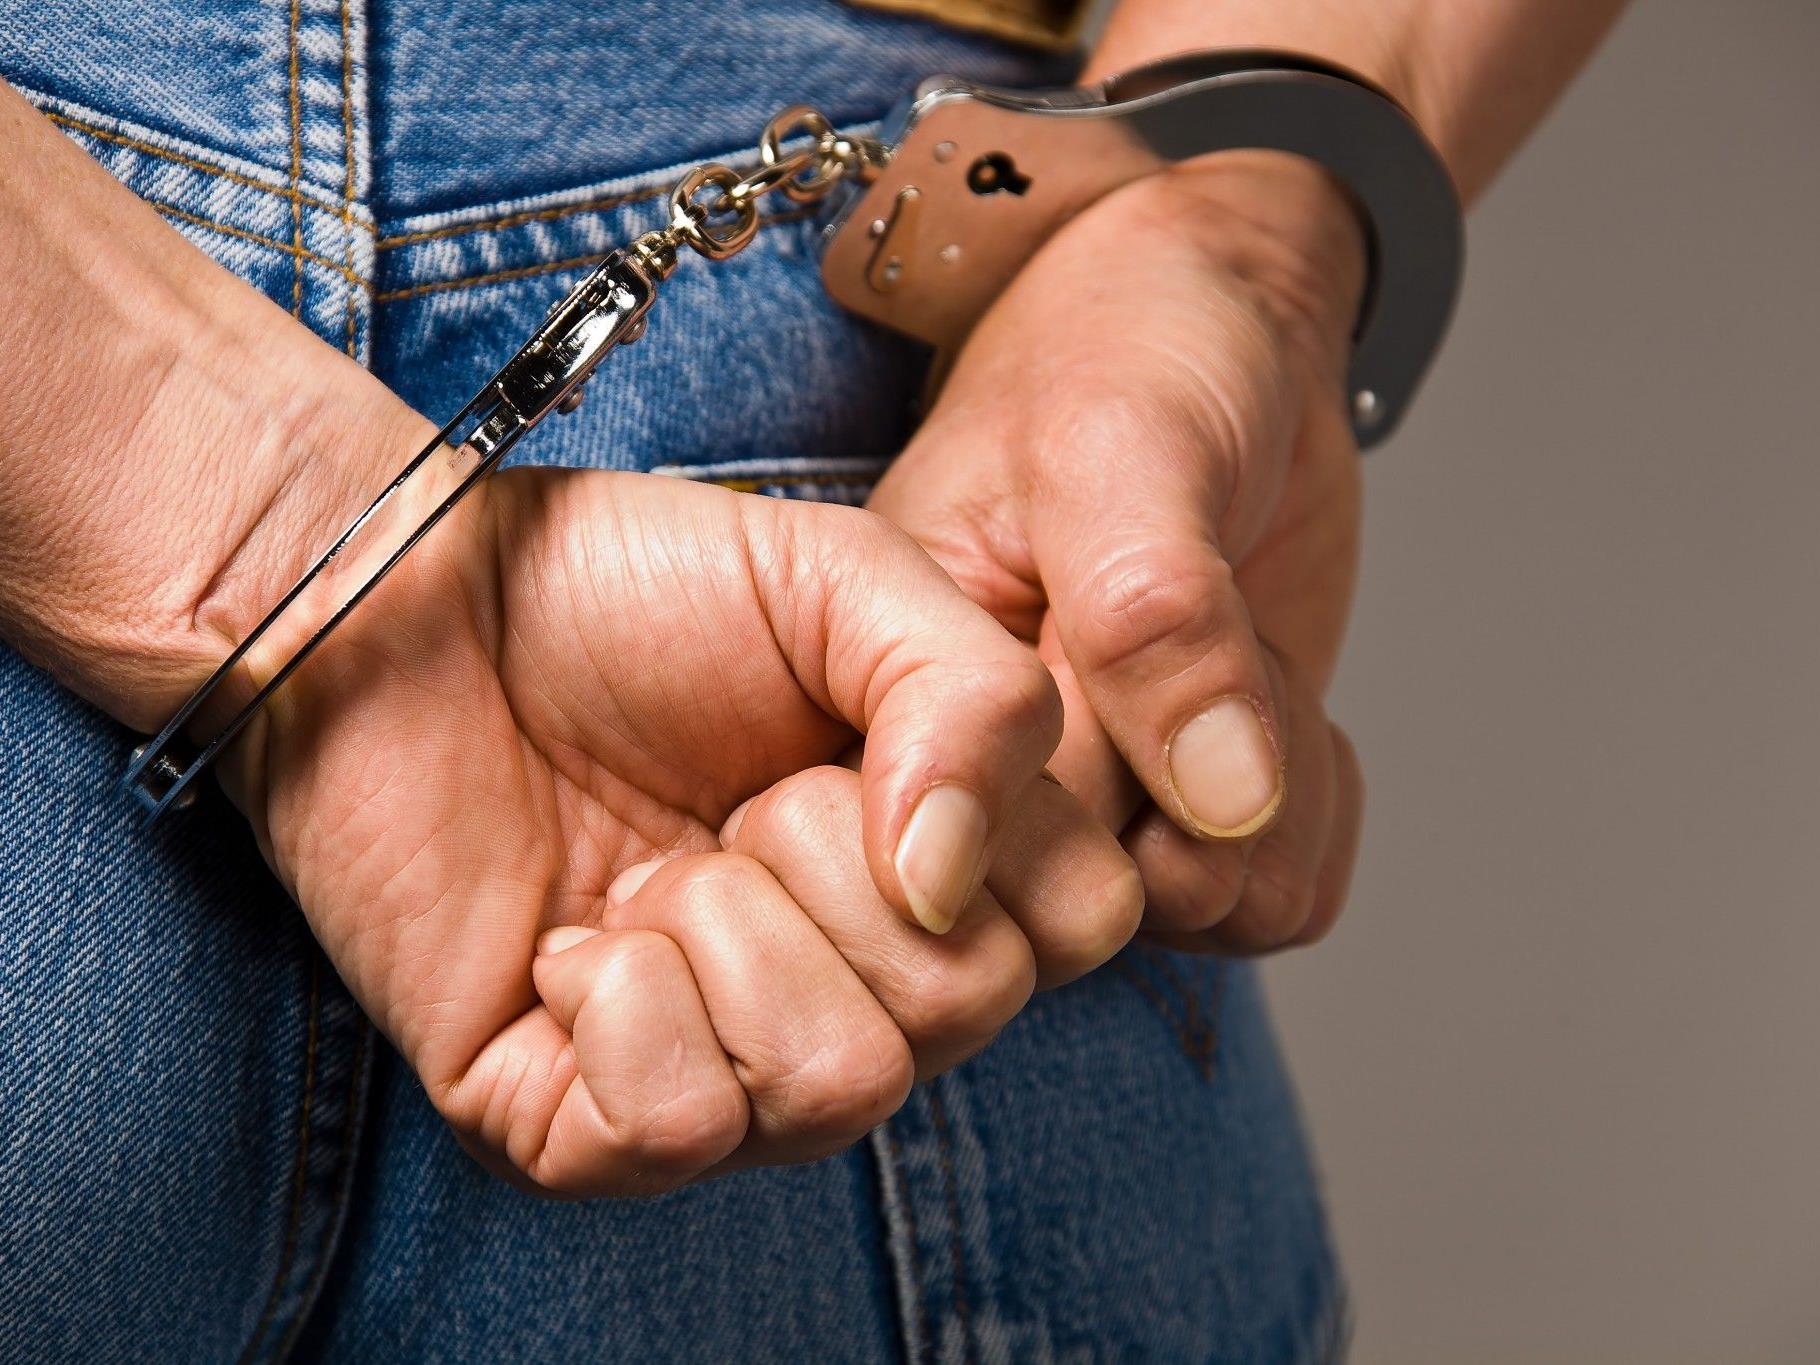 Drei Männer wurden bereits im März verhaftet, zwei Komplizen sind weiter flüchtig.